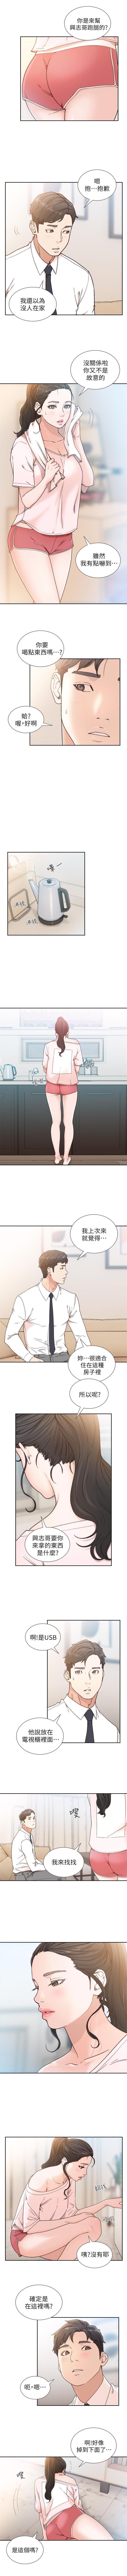 前女友 1-48 中文翻译(更新中) 60